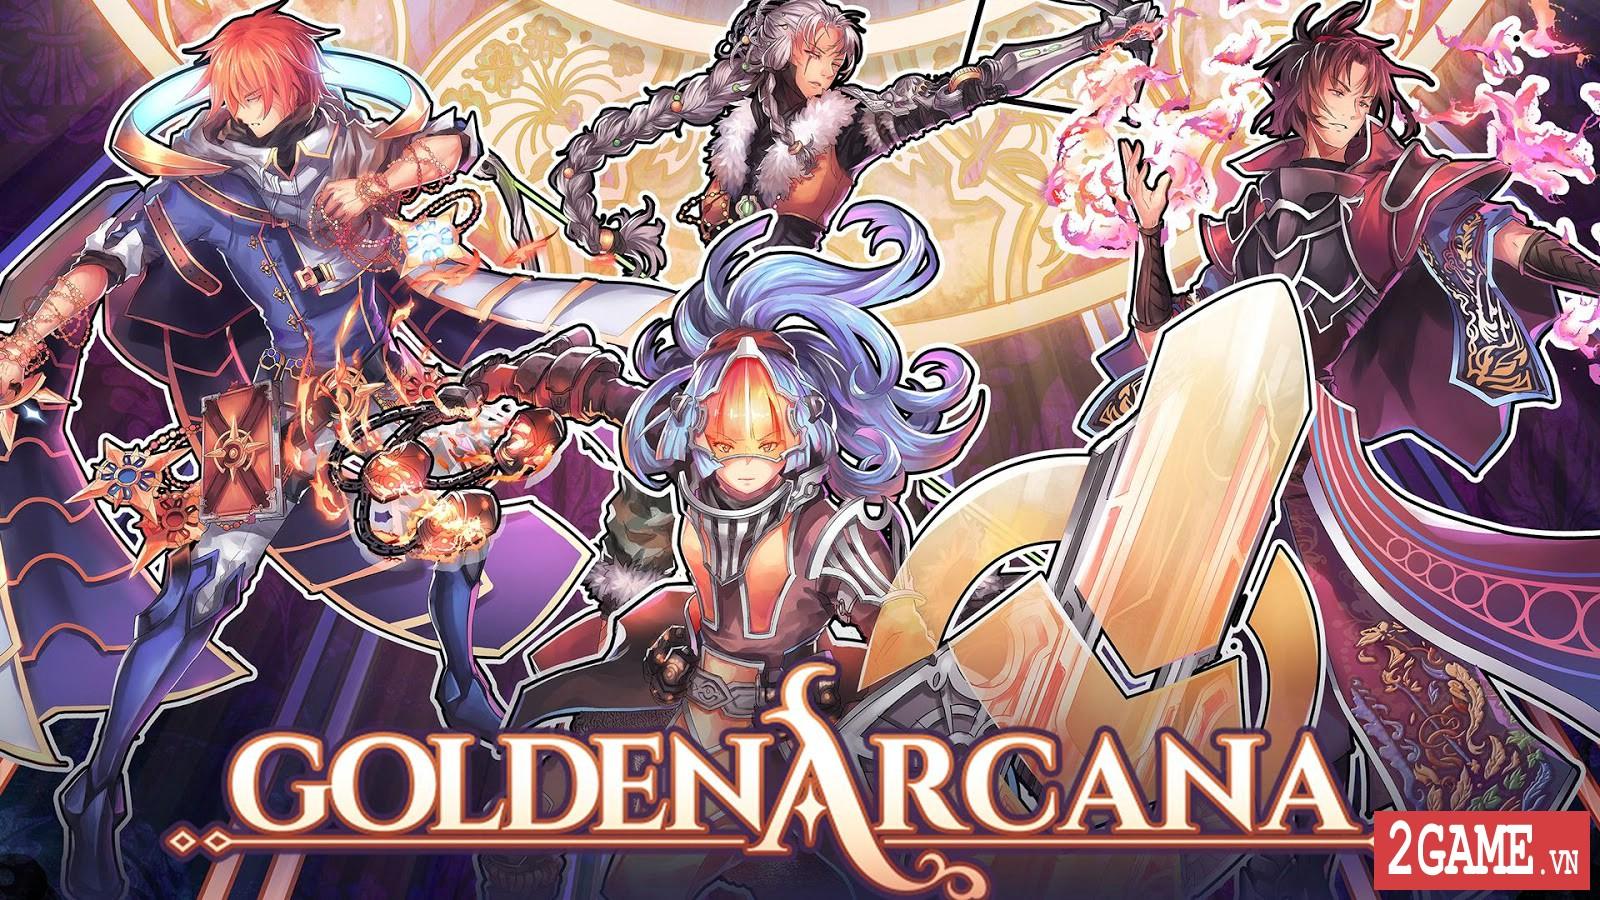 Golden Arcana: Tactics – Game đấu thẻ bài kết hợp nhập vai mang đậm phong cách anime 0